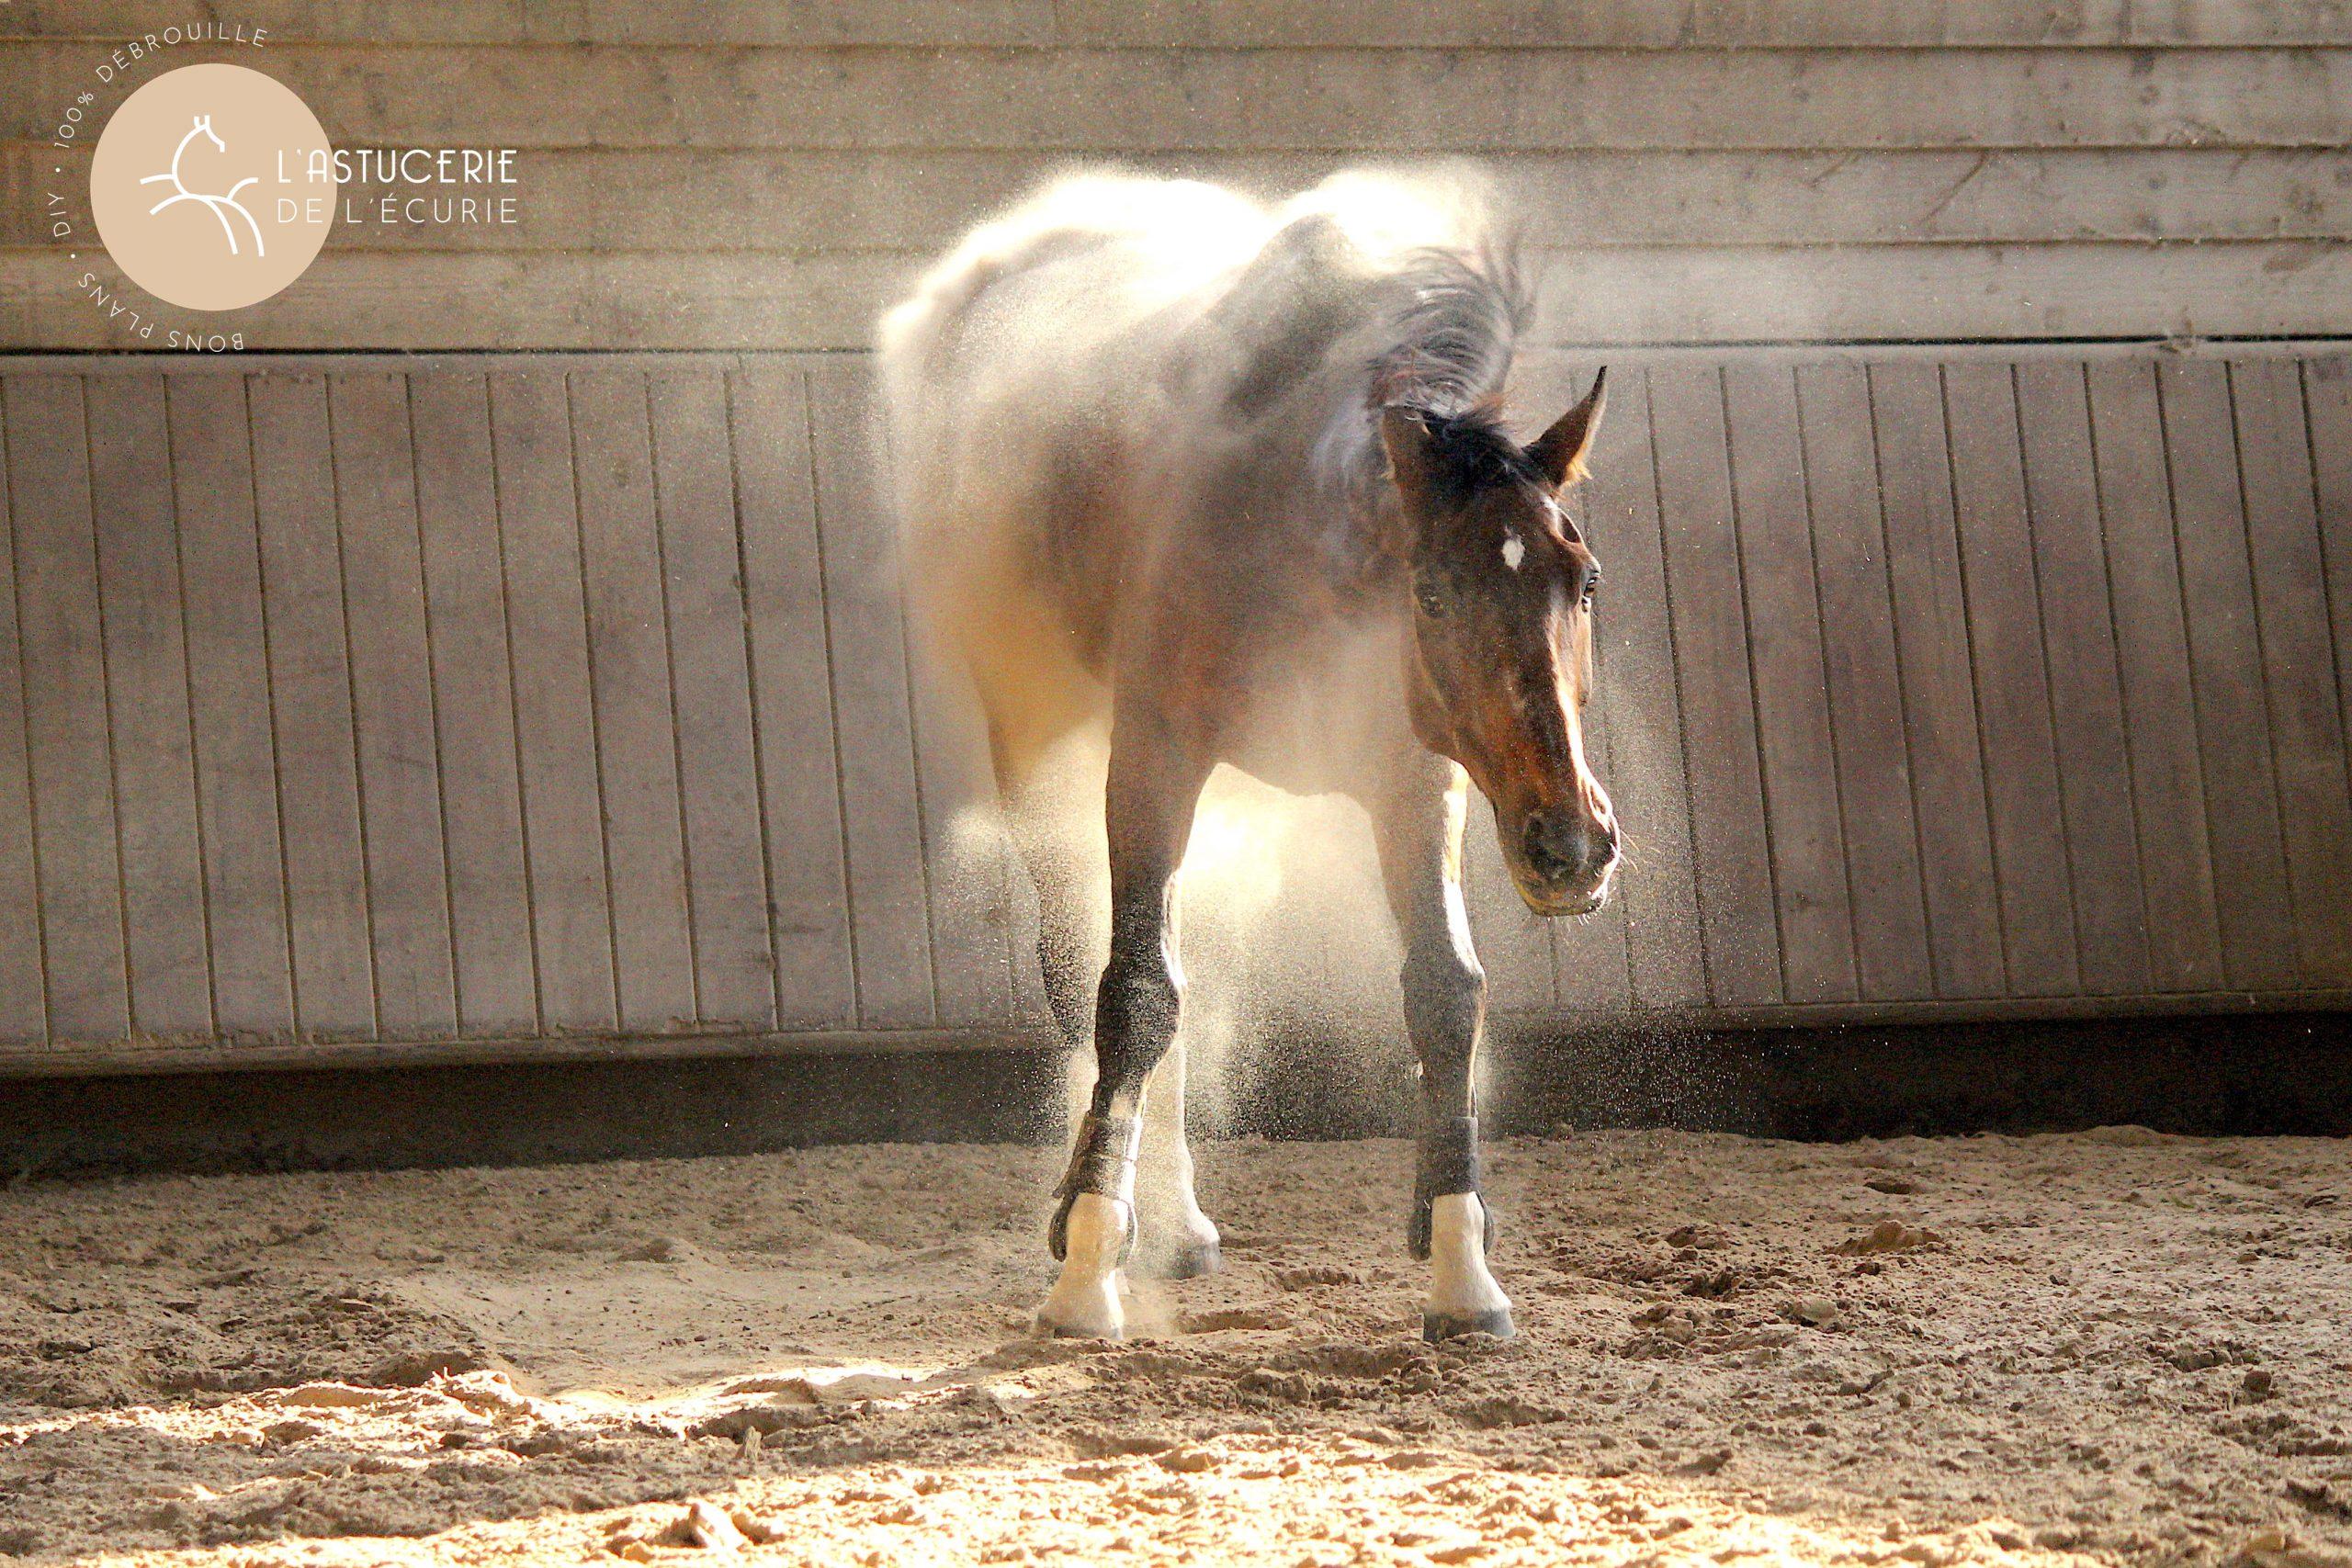 cheval qui se secoue plein de poussière